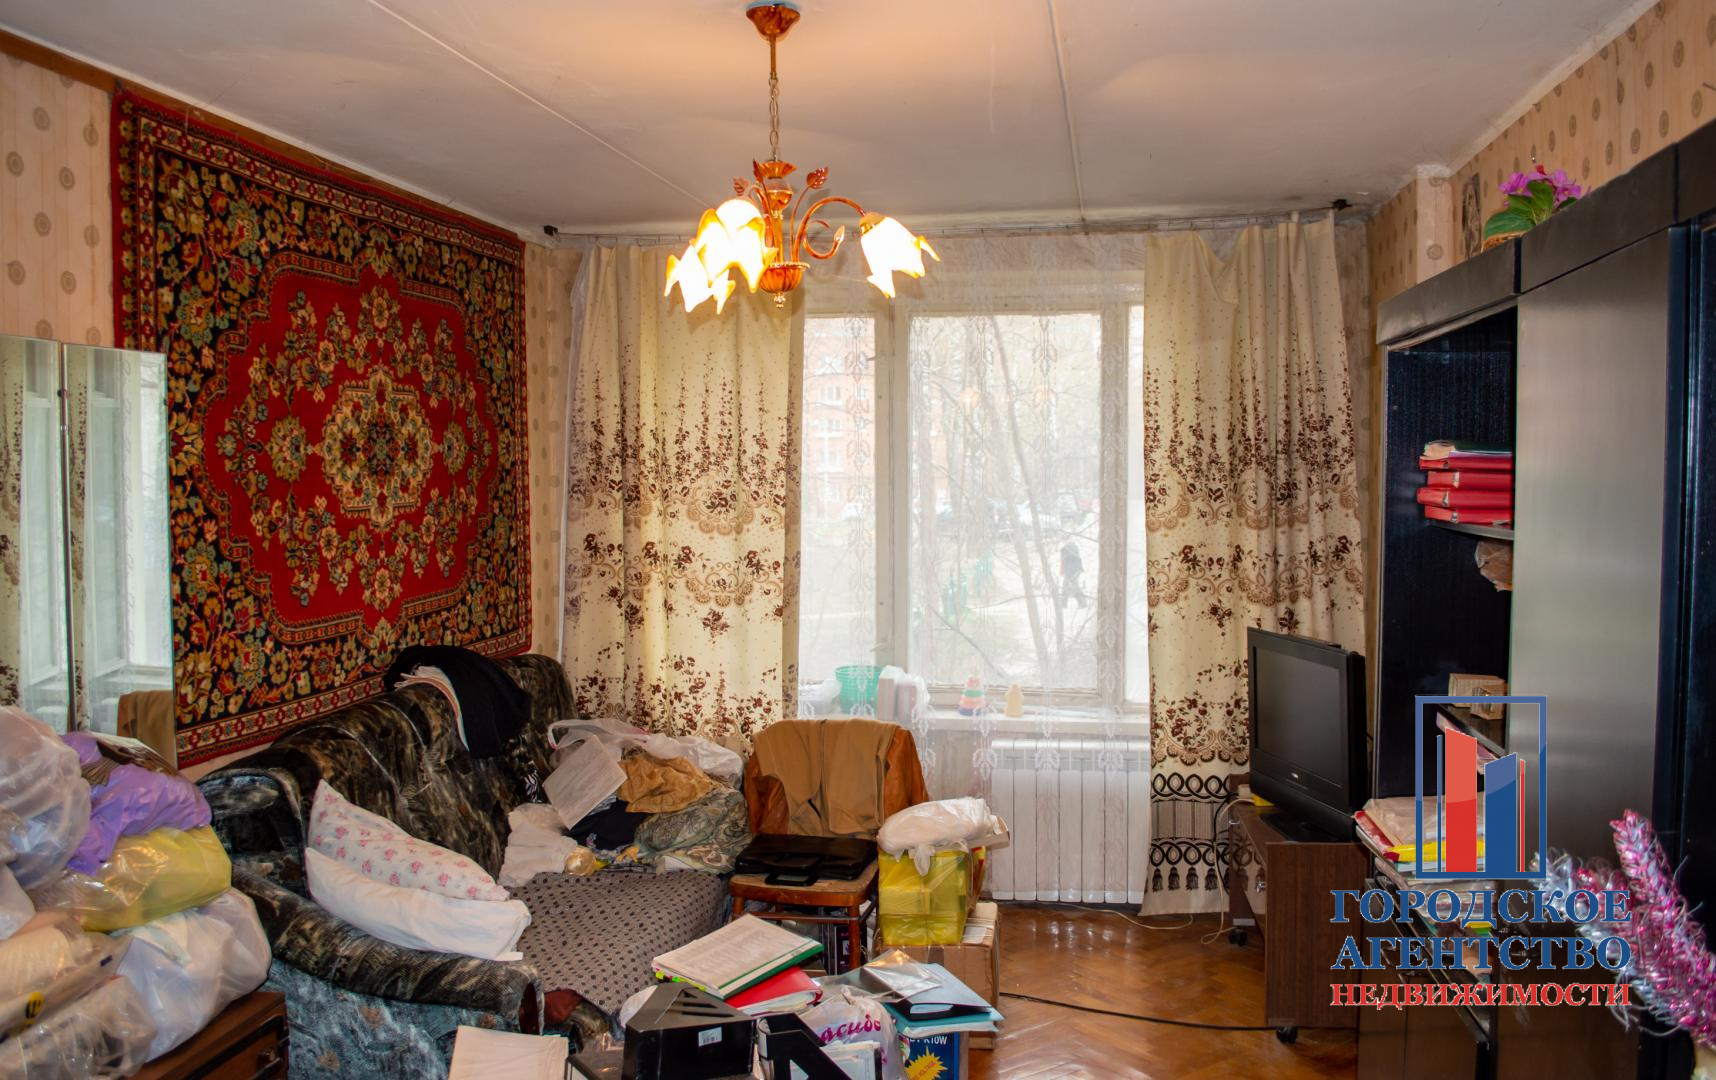 Квартира на продажу по адресу Россия, Московская область, городской округ Пущино, Пущино, микрорайон Г, 11